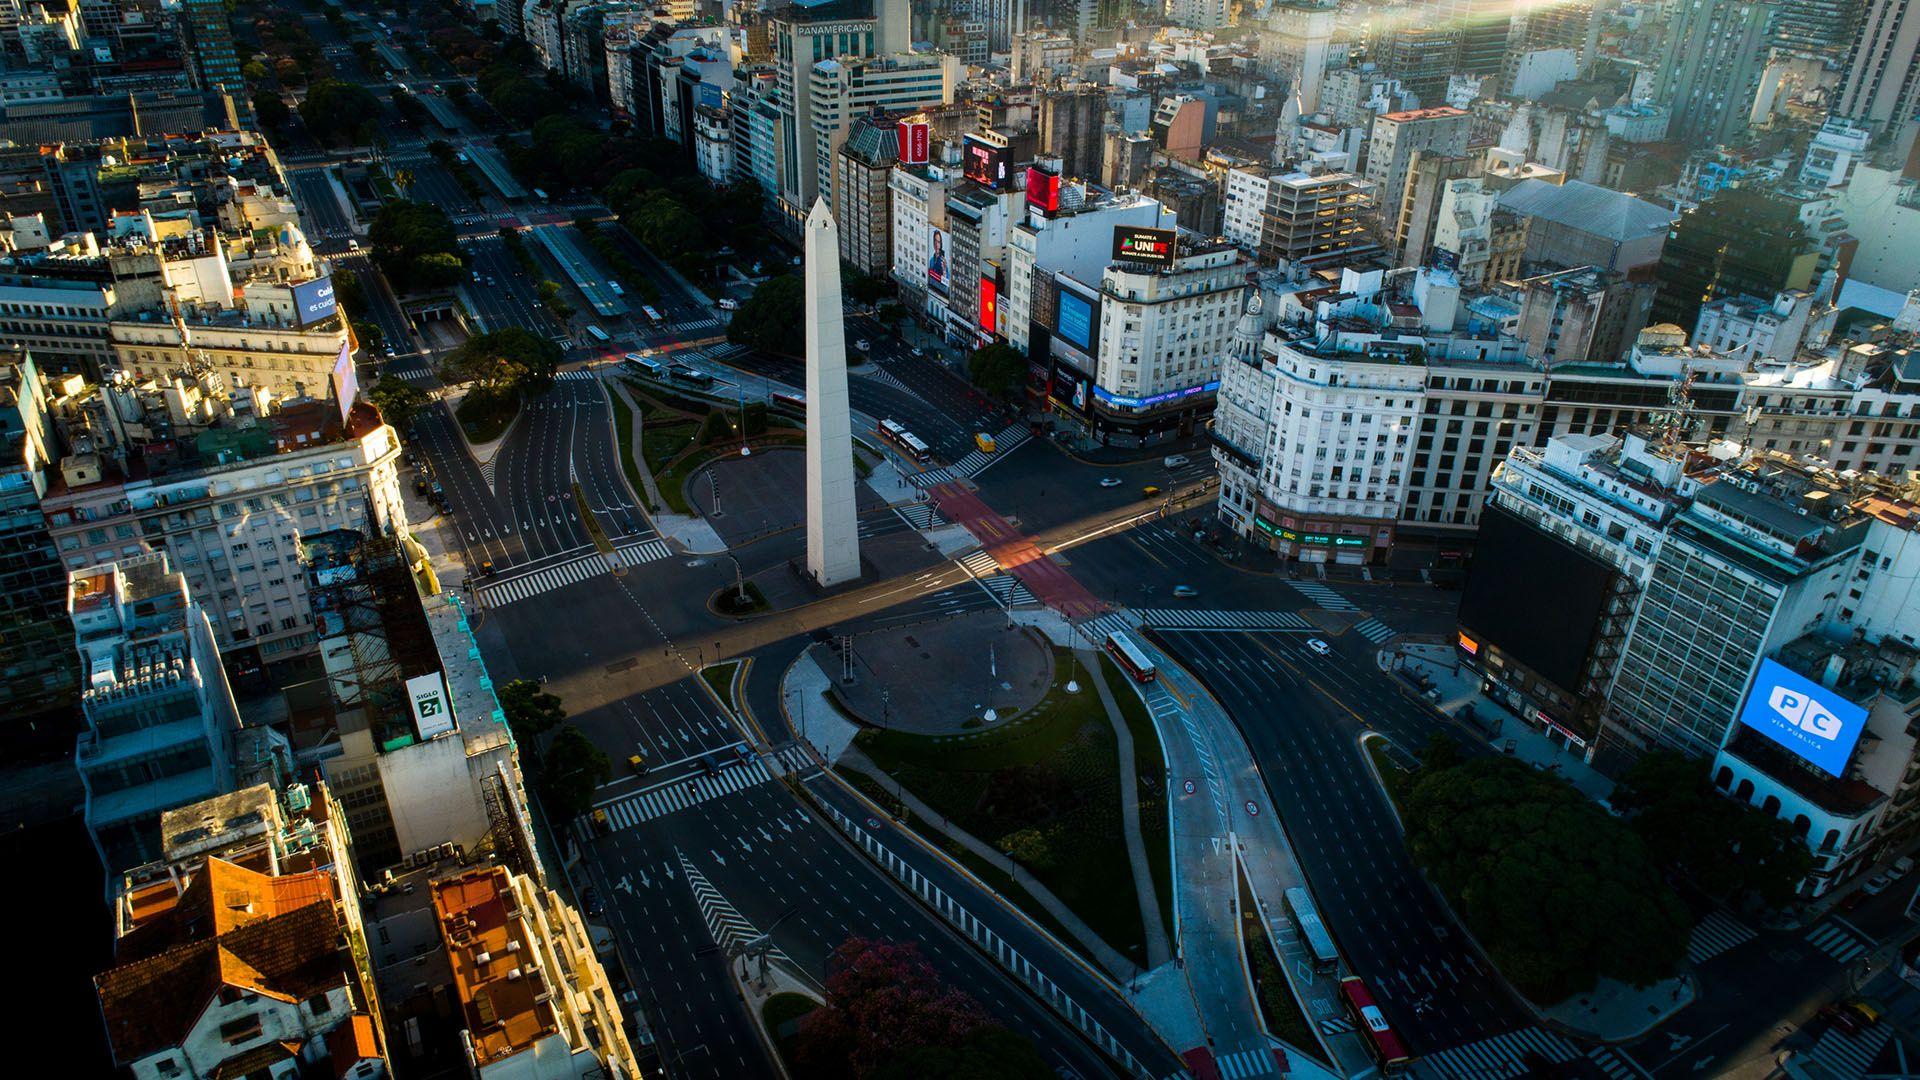 La ciudad, vacía en plena cuarentena (Thomas Khazki)